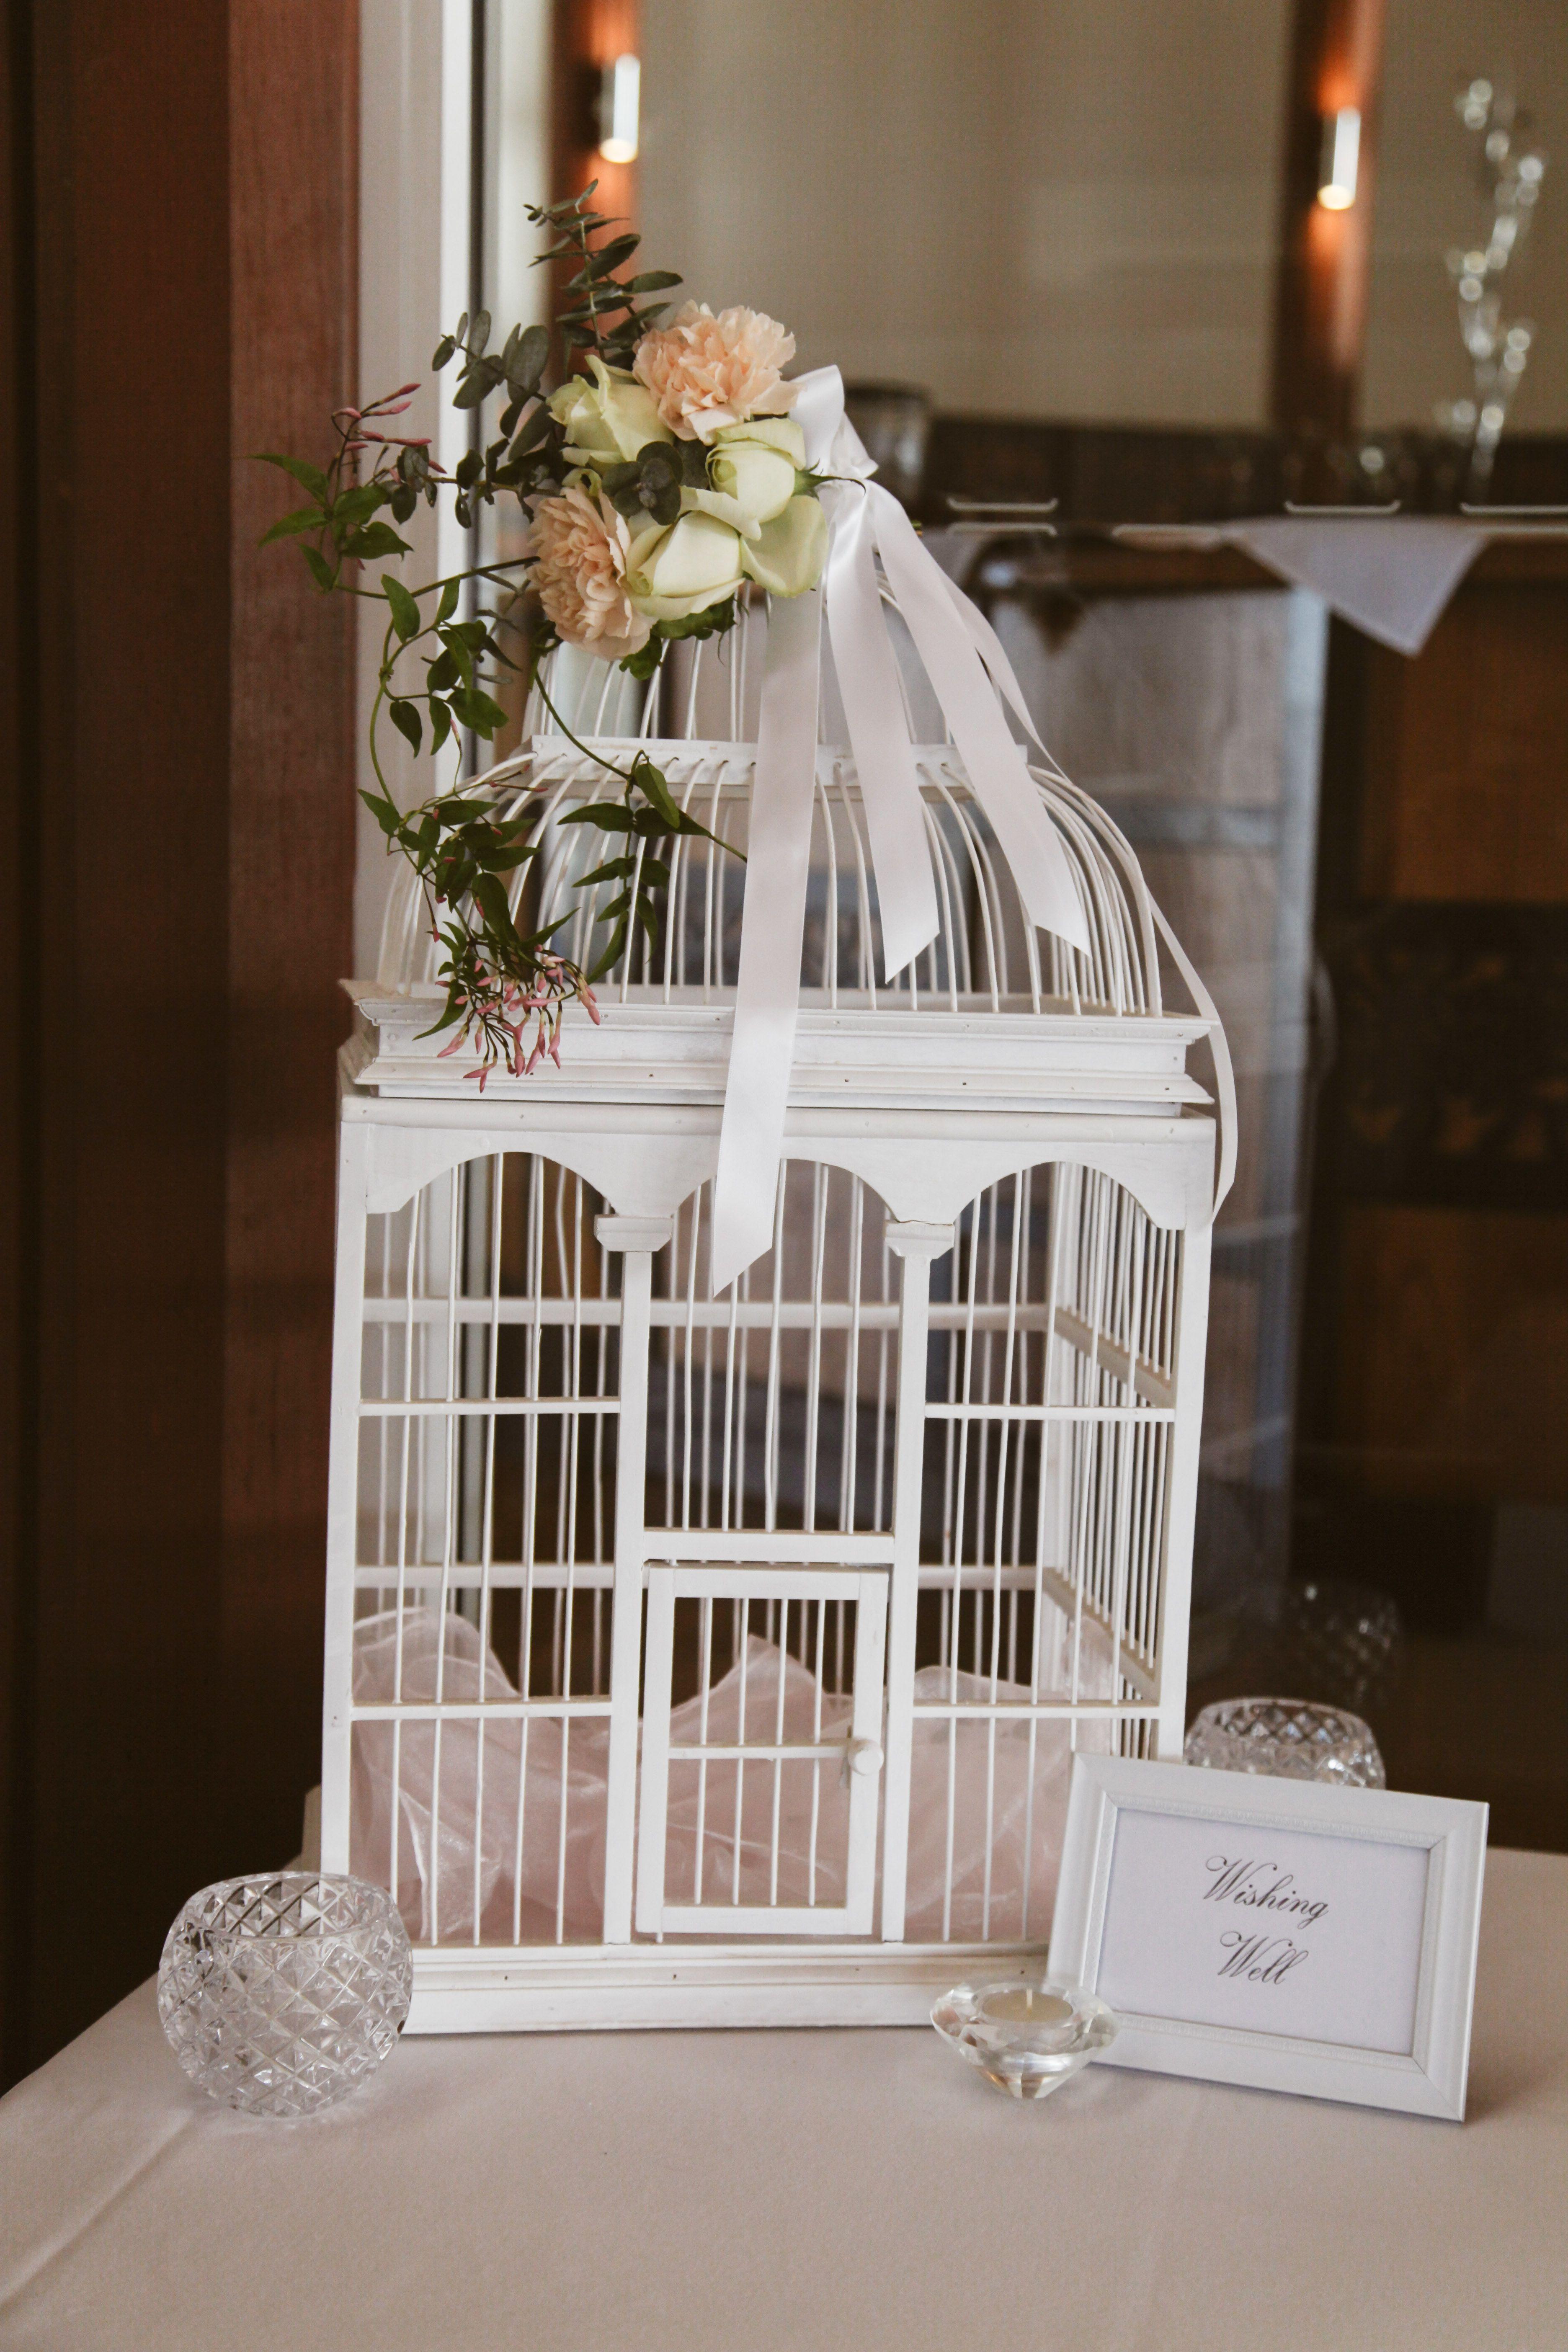 White bird cage wishing well